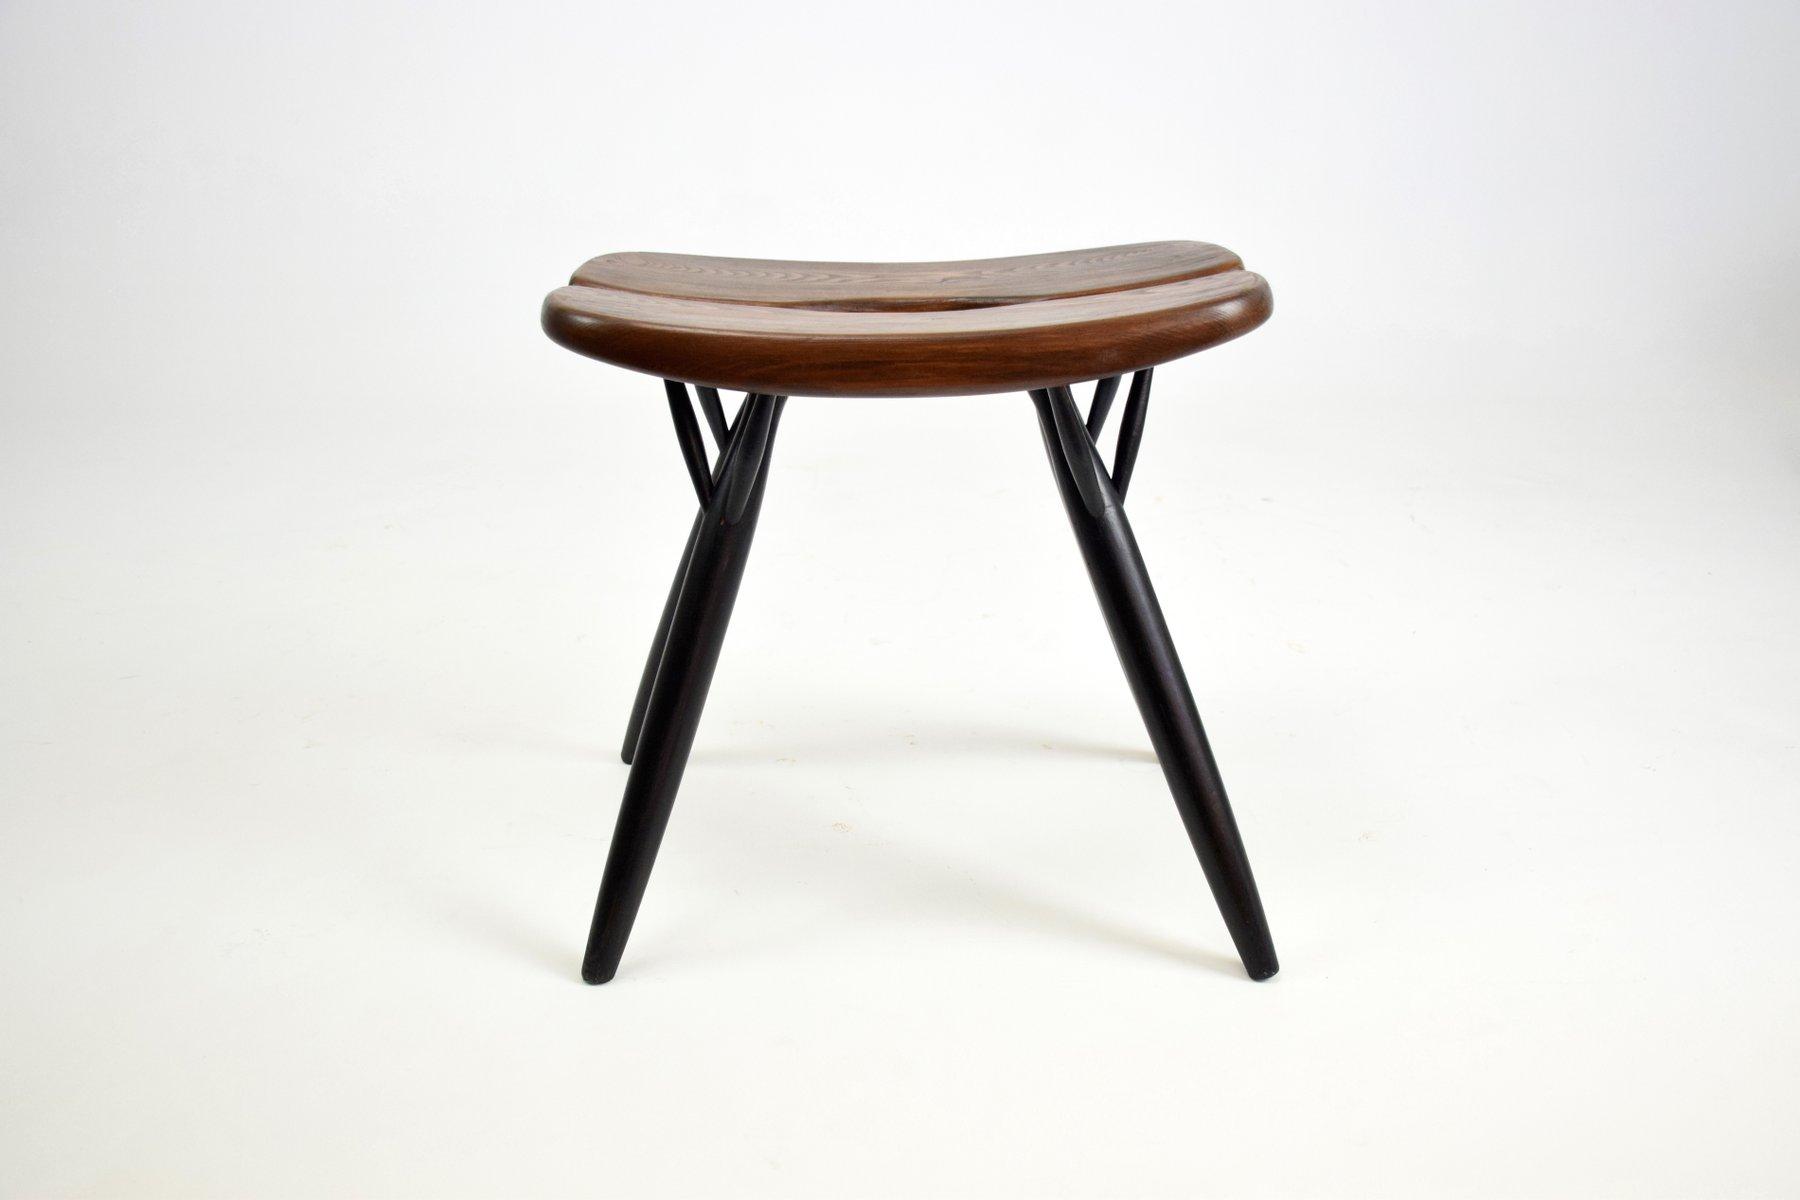 Pirkka Chairs & Stool by Ilmari Tapiovaara for Laukaan Puu 1955